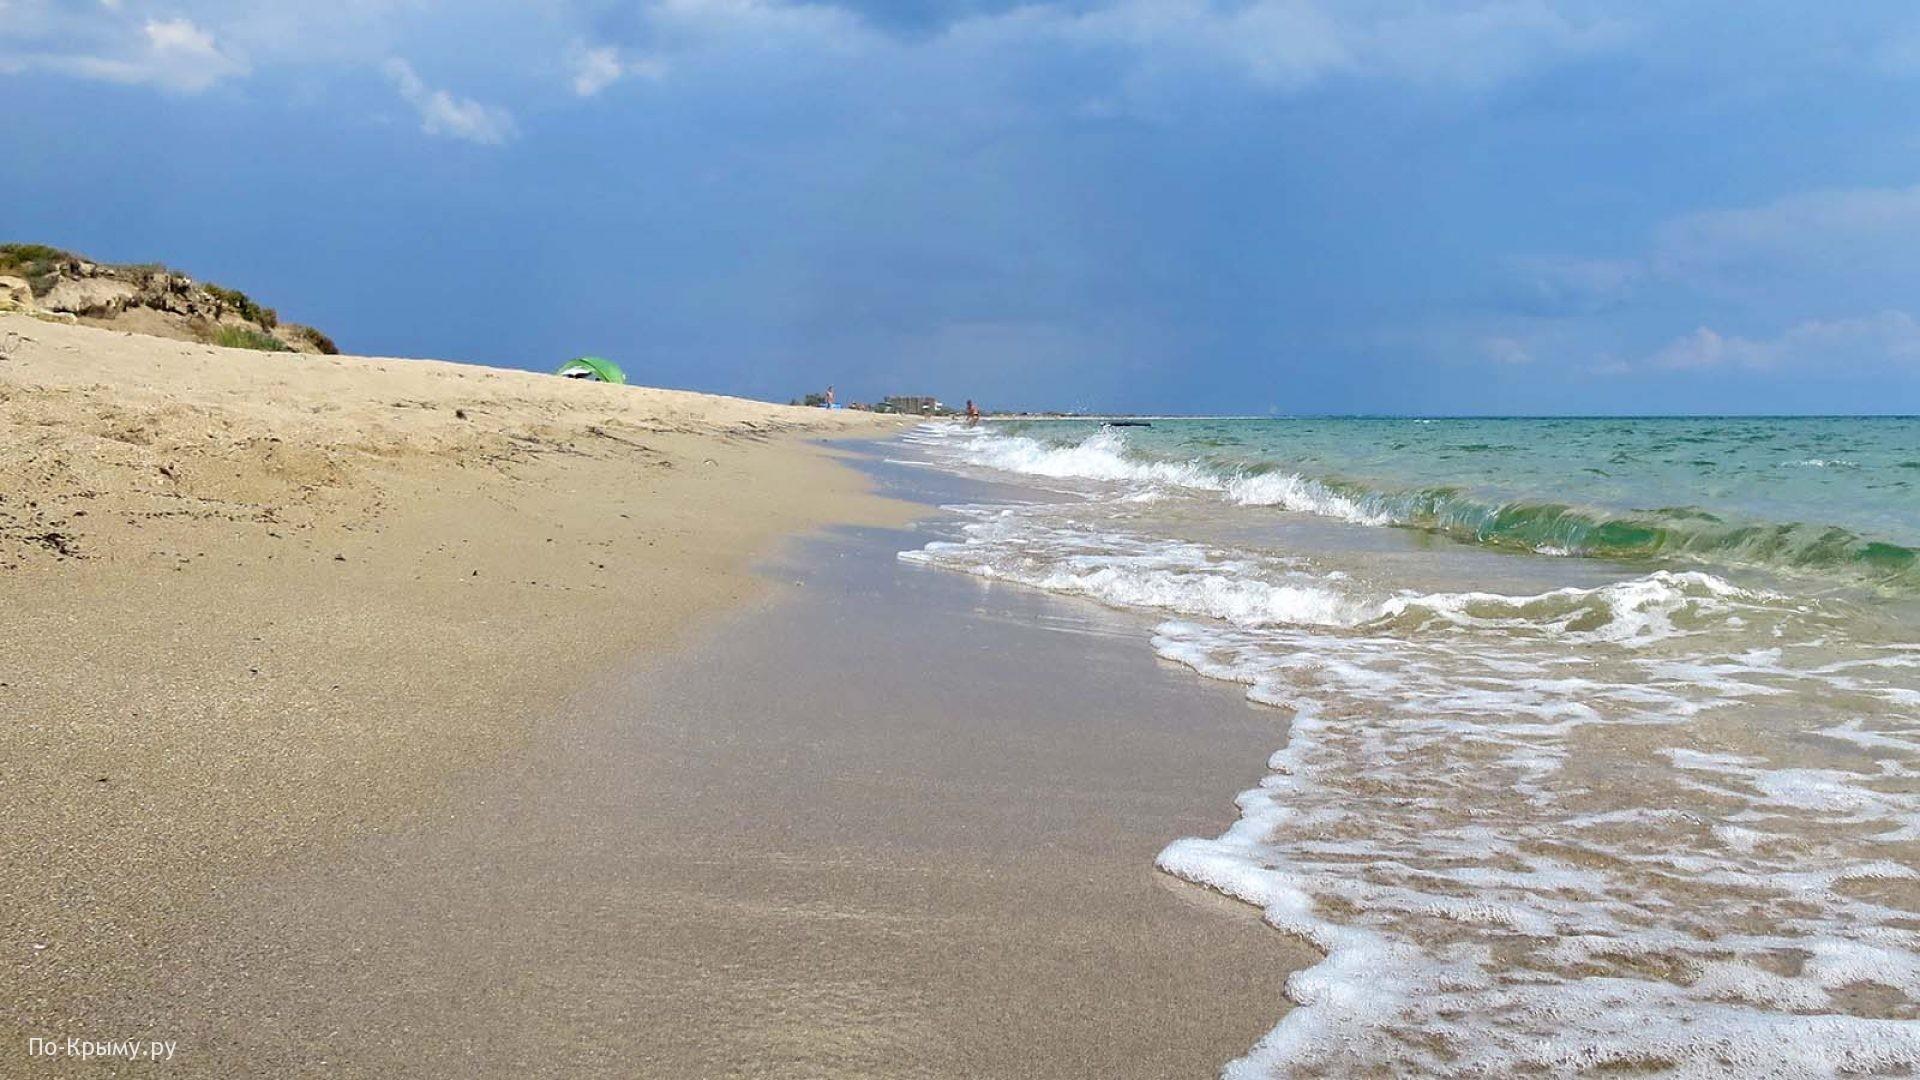 Песчаный пляж черноморского побережья Крыма